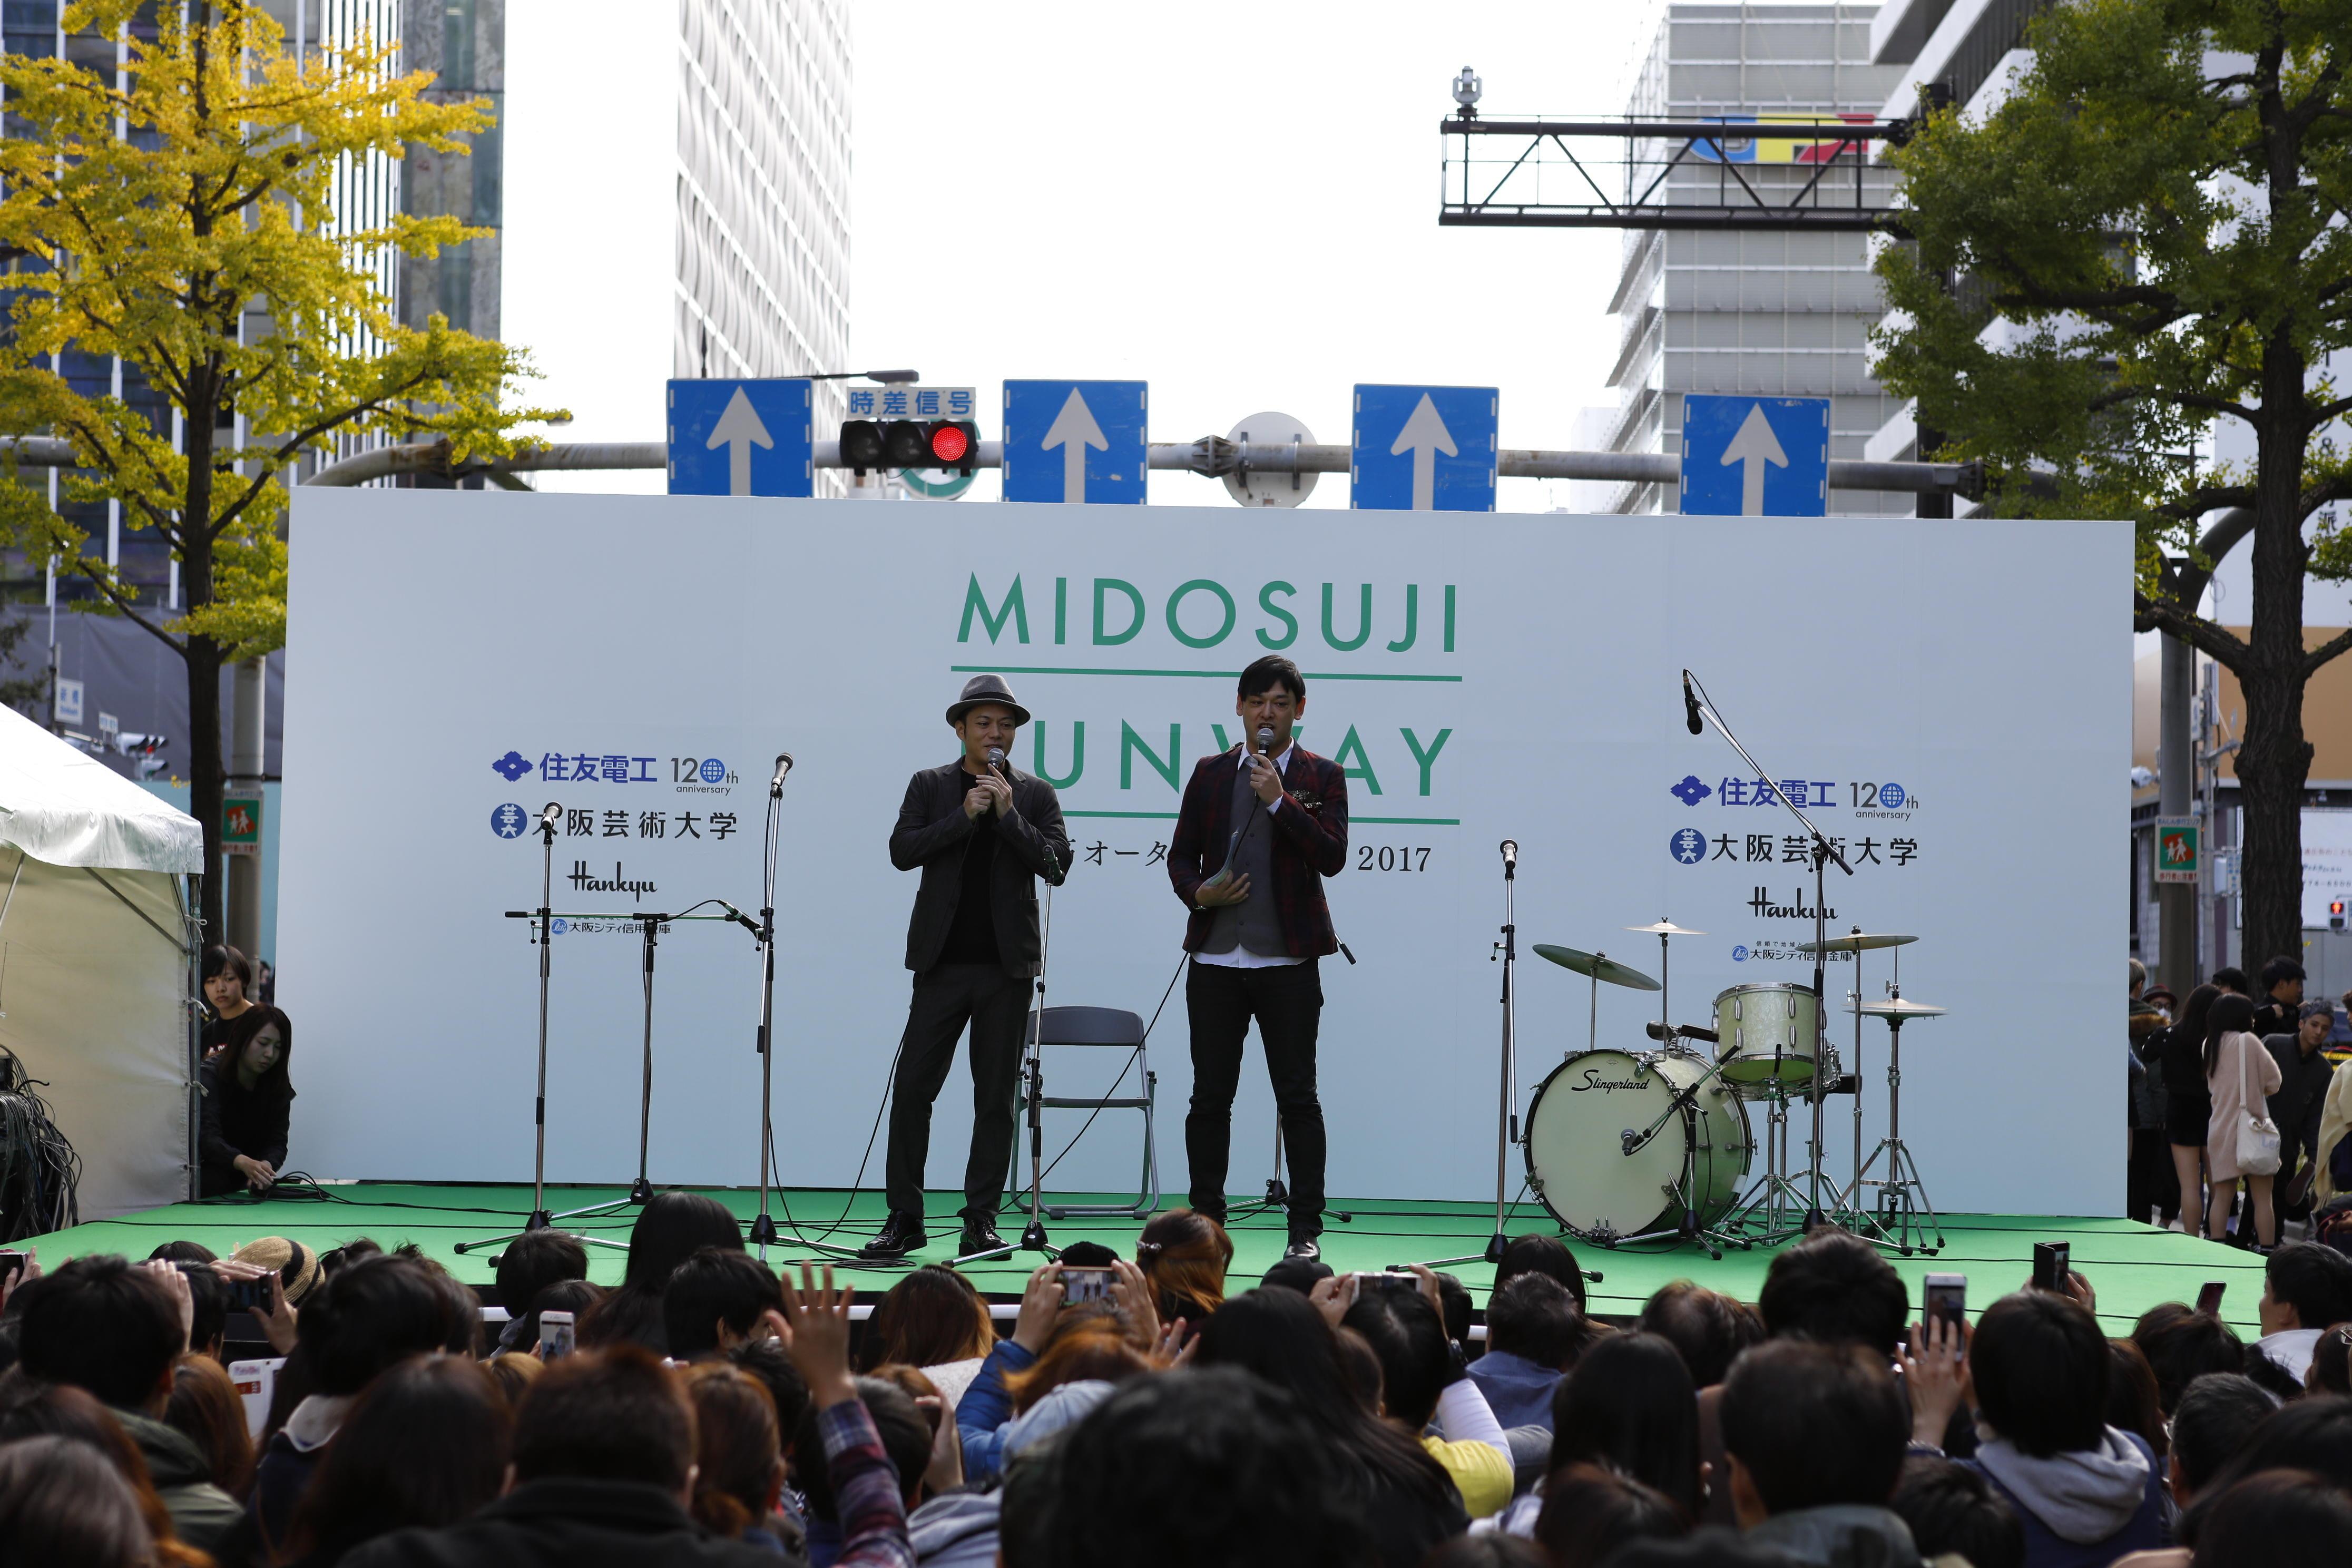 http://news.yoshimoto.co.jp/20171112224623-7acb5d4f8c8c9f8d8ea1f73a274be41a7f5275f8.jpg